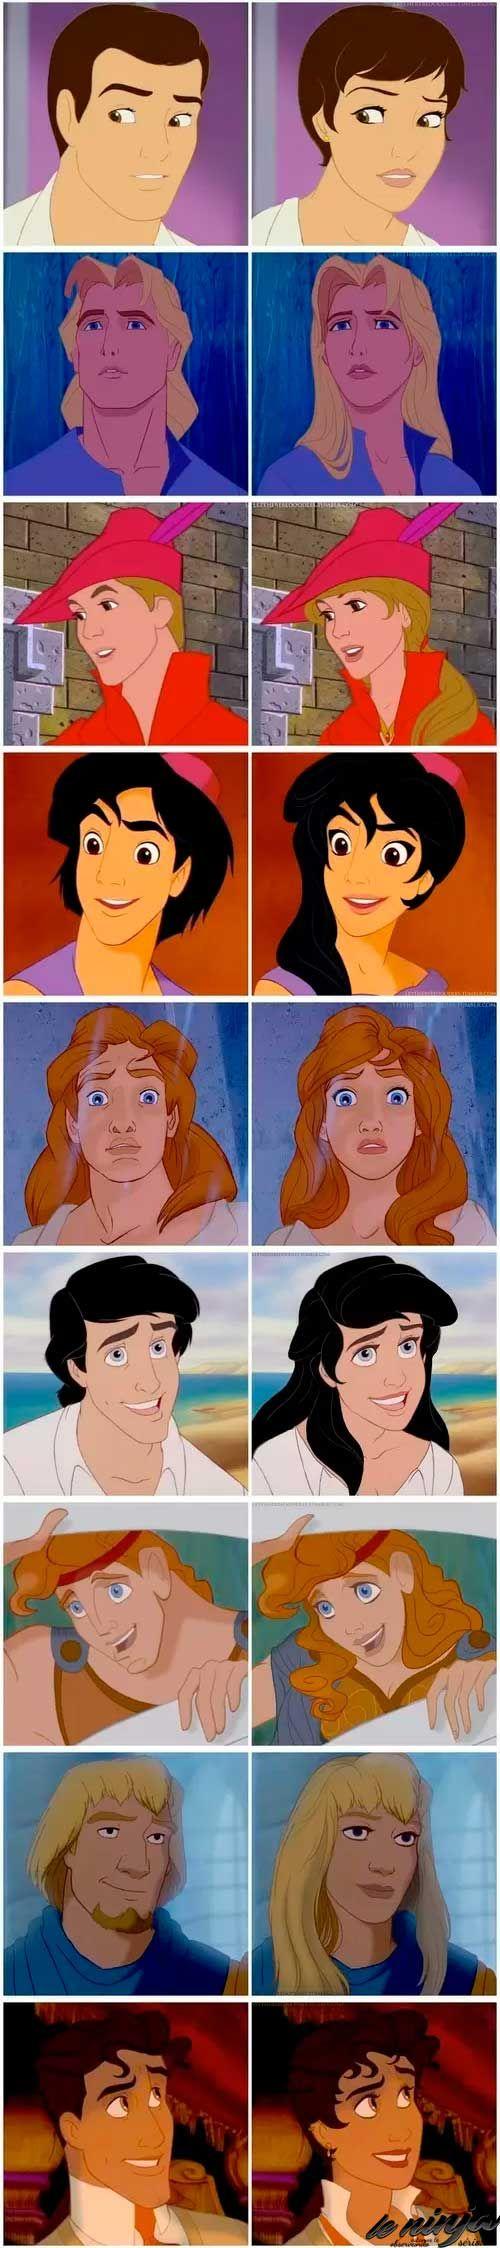 Disney, gender bender | Never Too Old To Be Young | Pinterest  Disney, gender ...